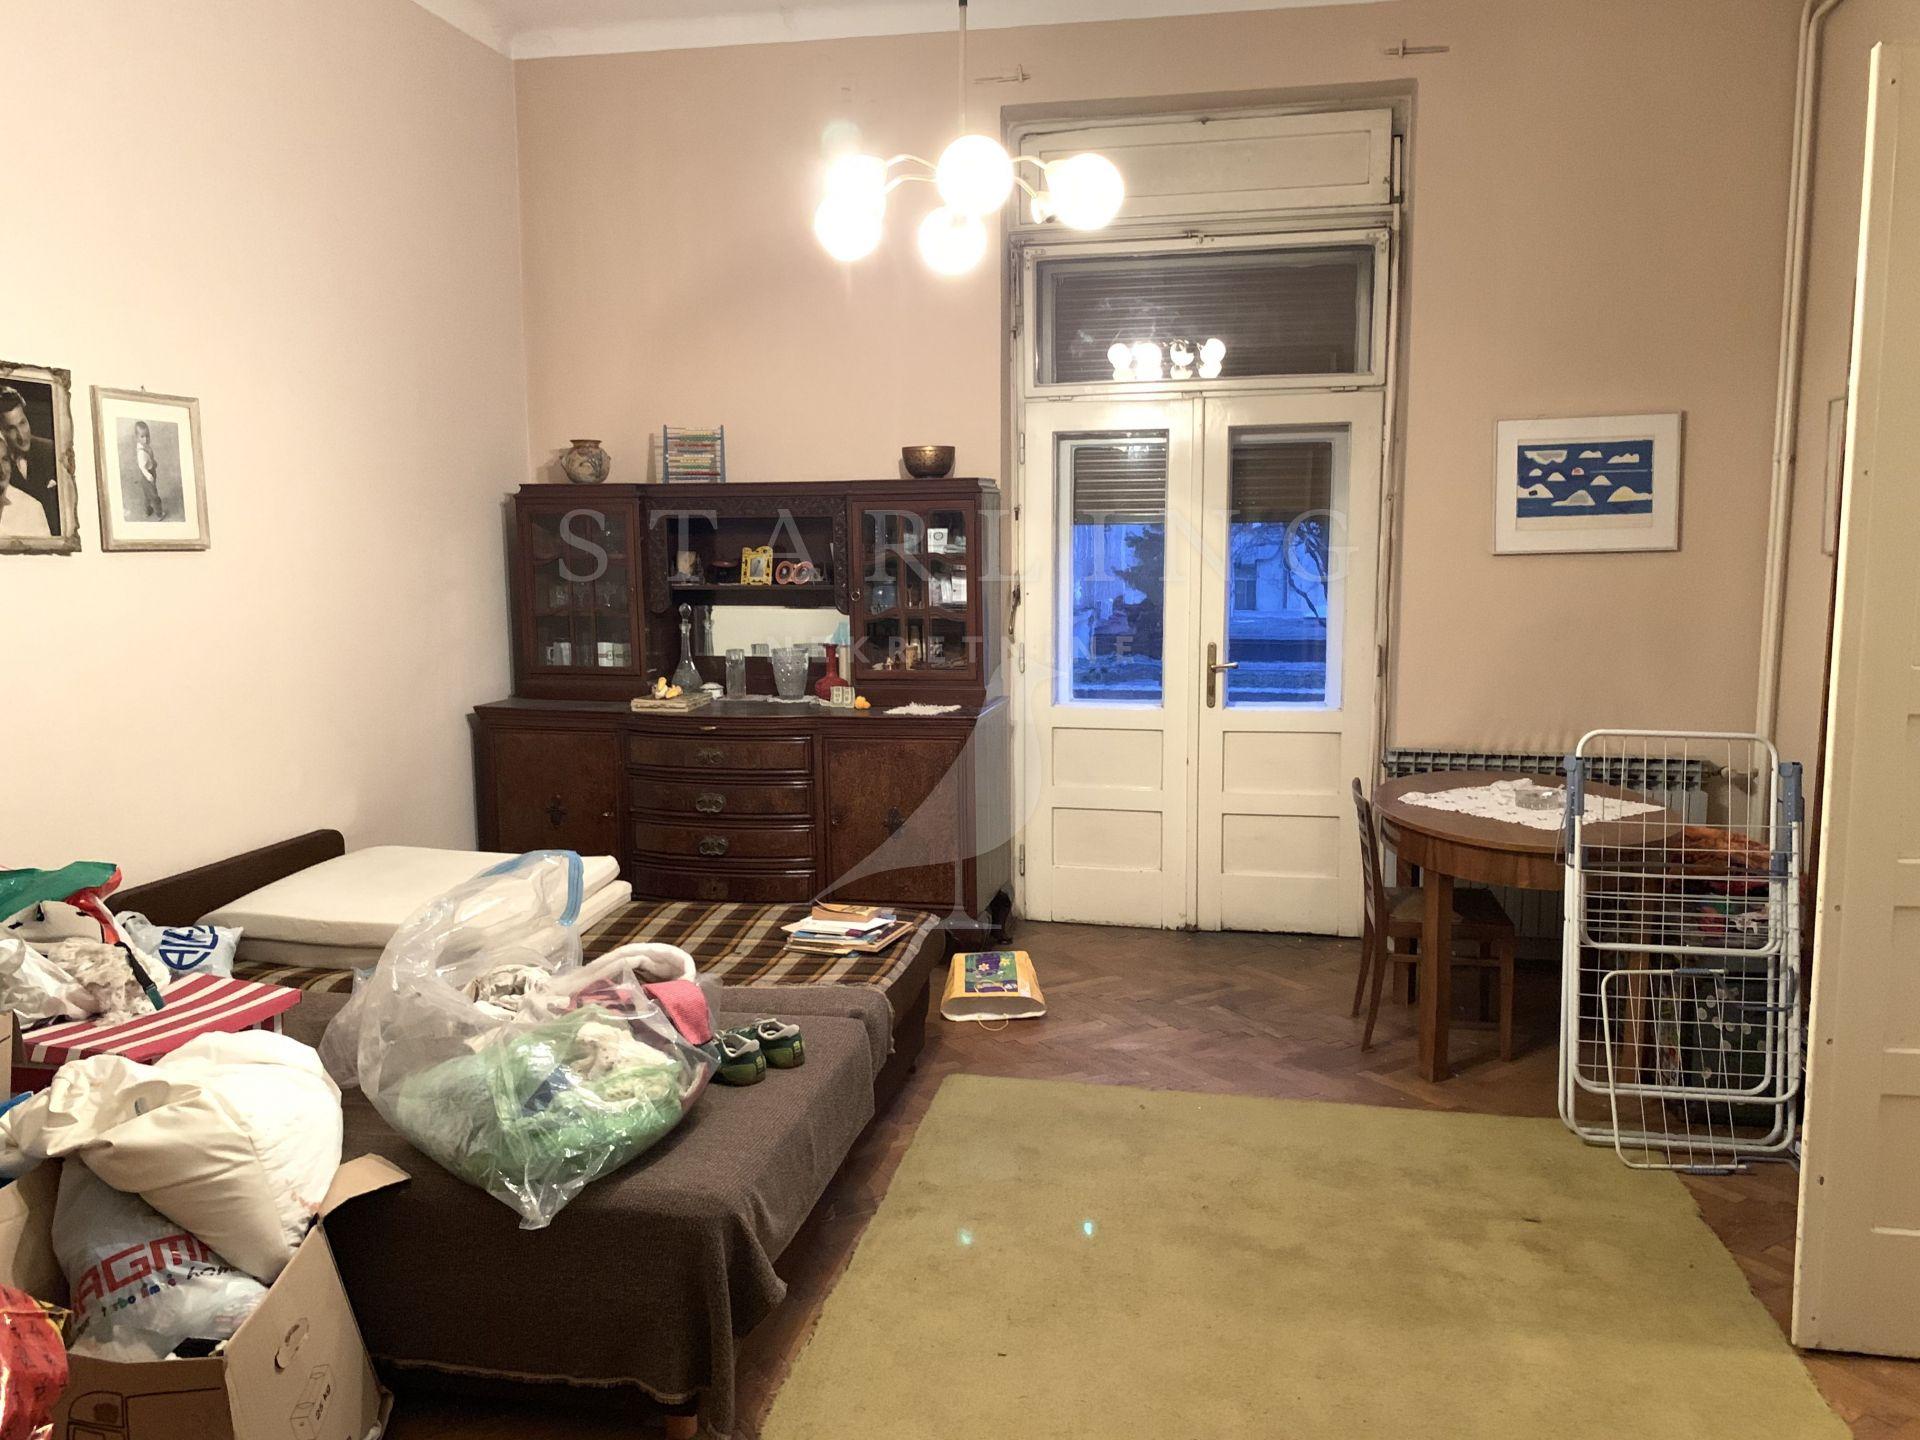 STAN, PRODAJA, ZAGREB, CENTAR, KNEZA MUTIMIRA, 130 m2, 4-soban